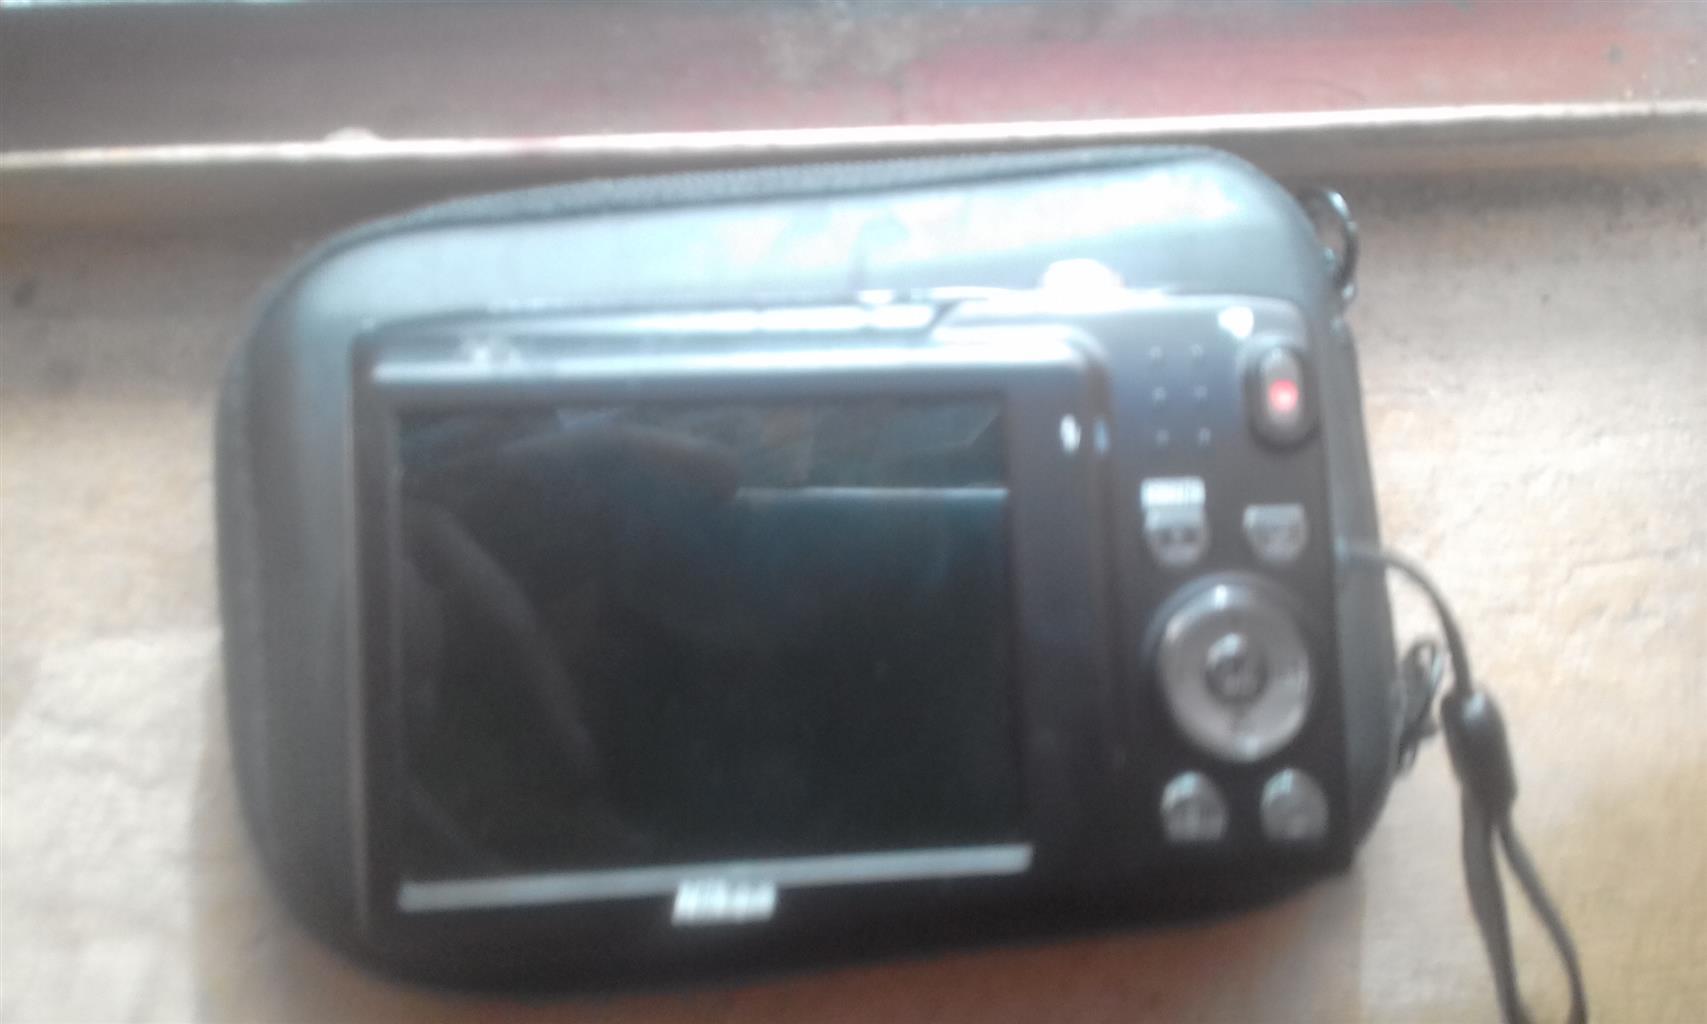 camera/Video camera (Red/Maroon)